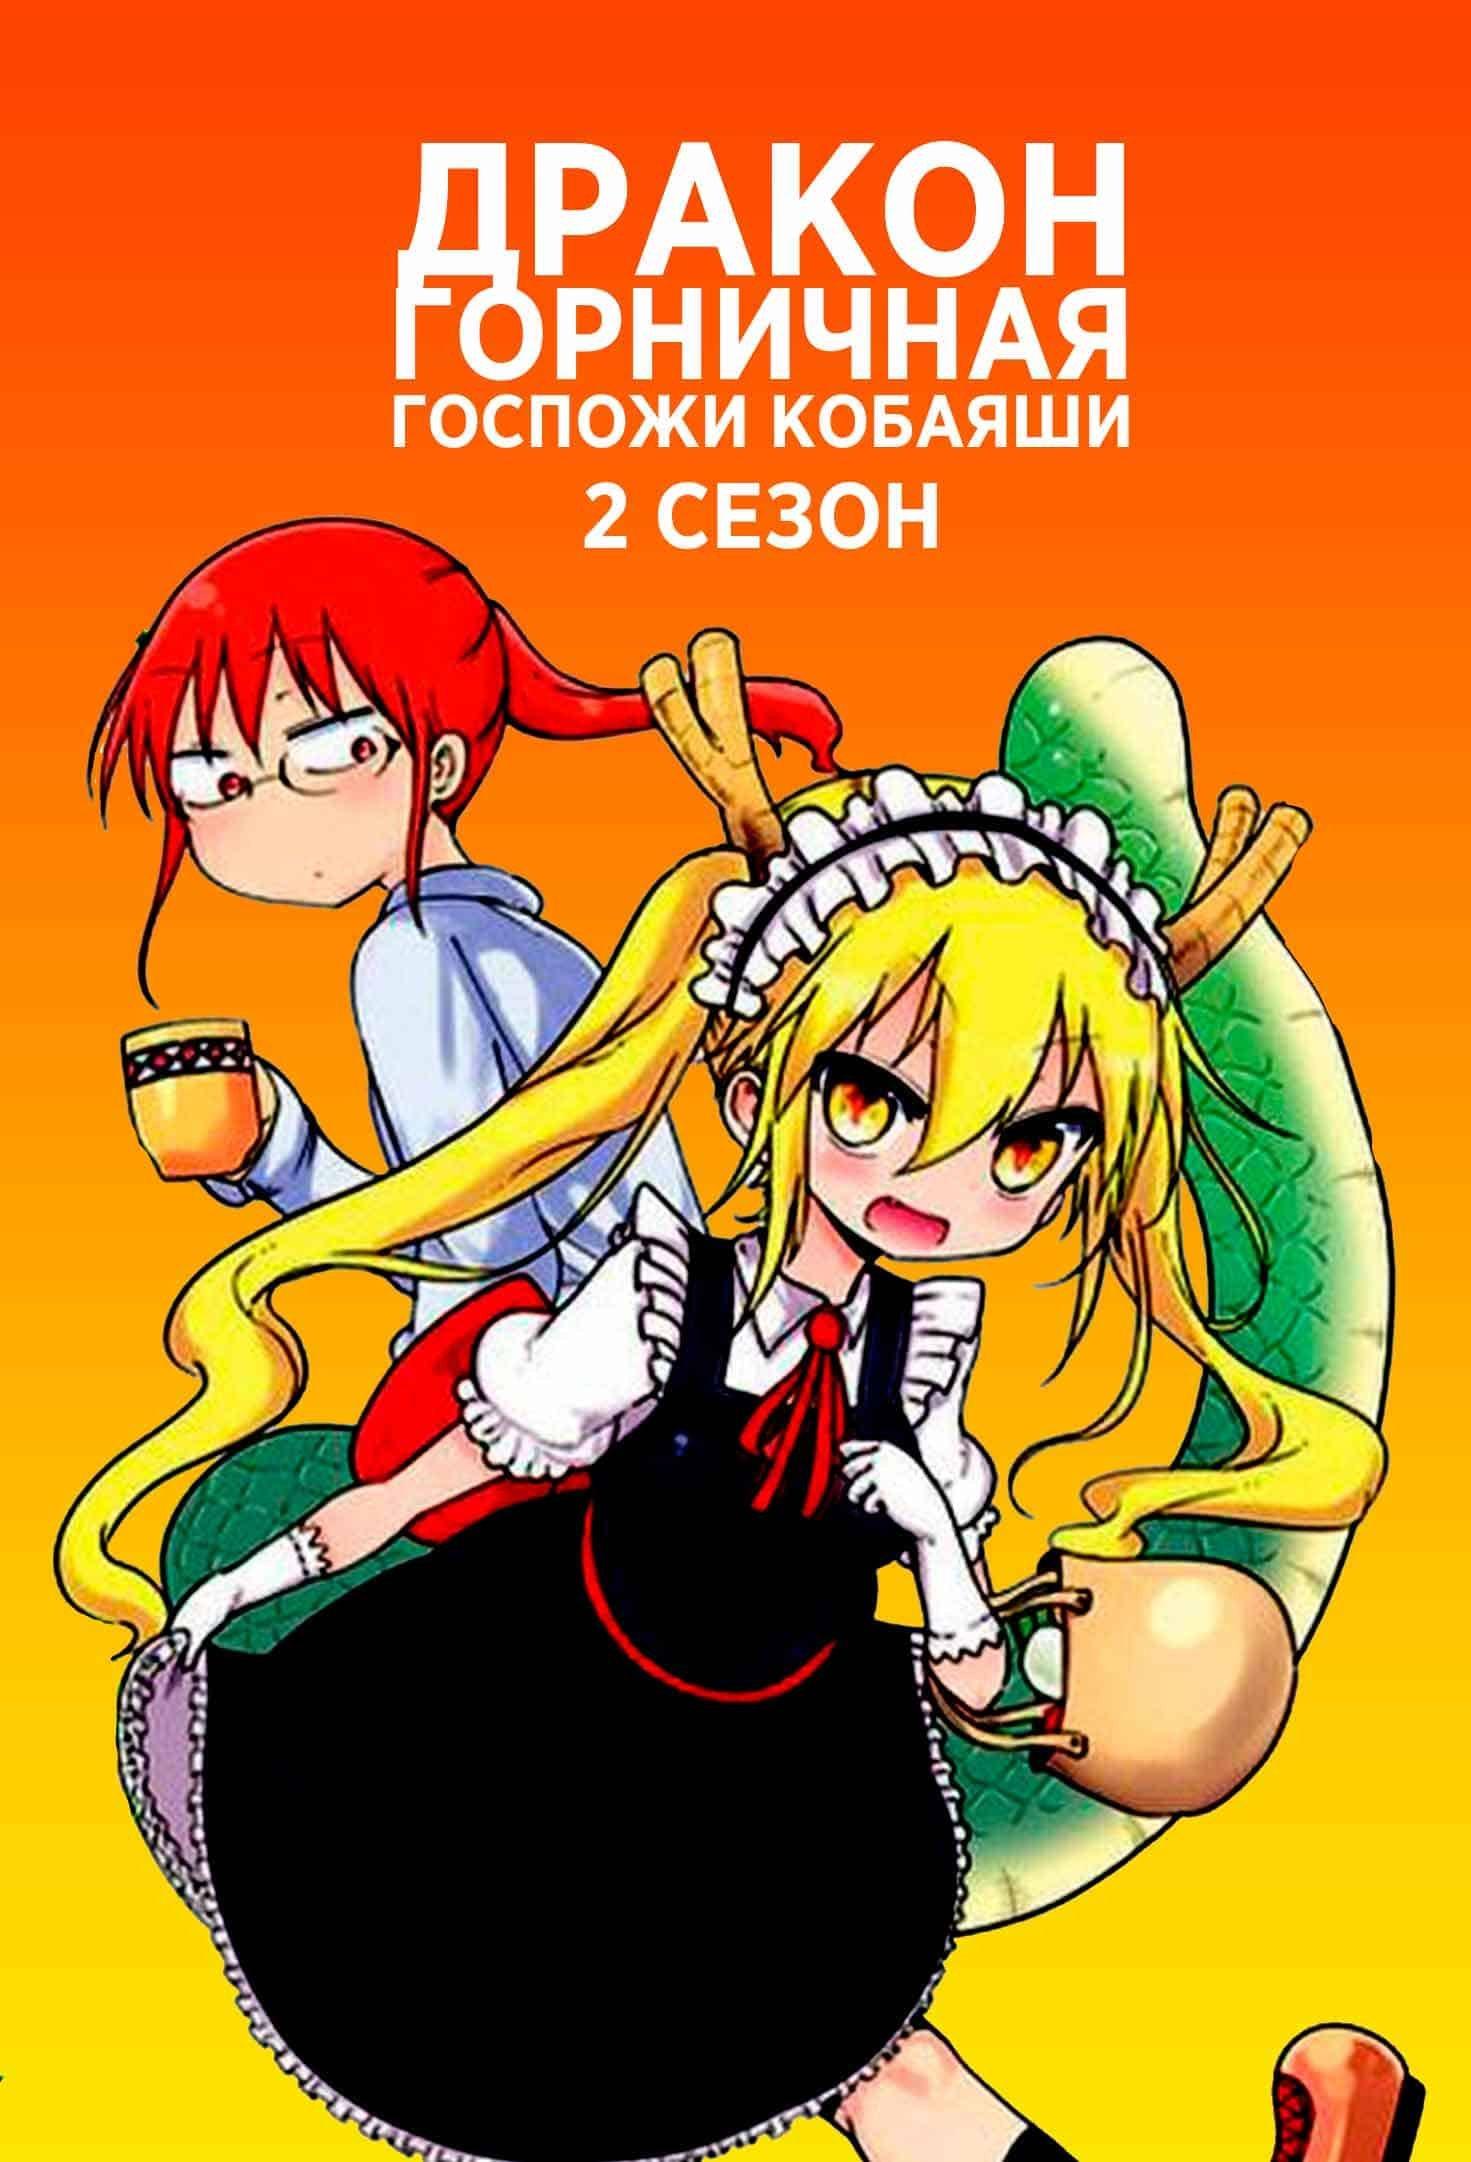 Дракон-горничная госпожи Кобаяши 2